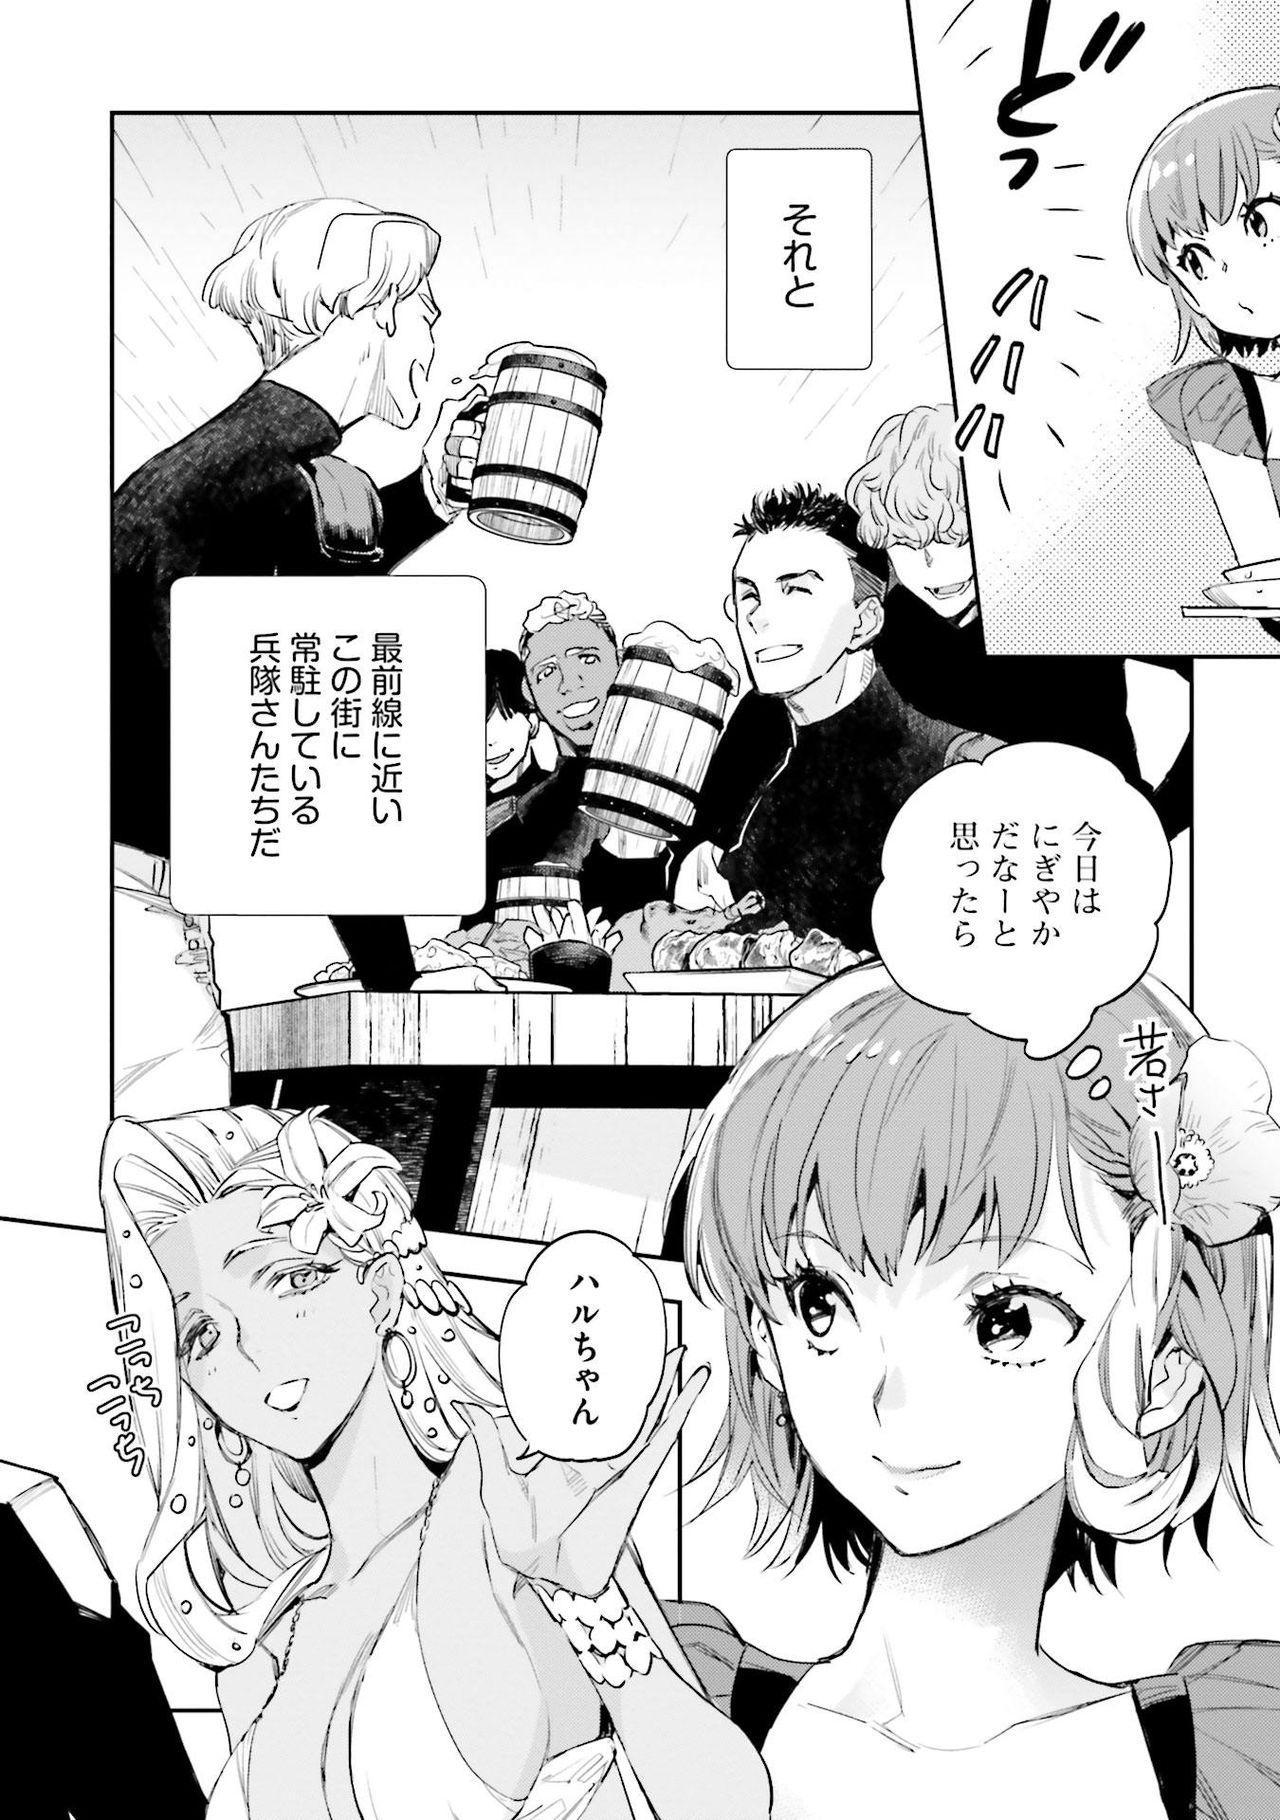 JK Haru wa Isekai de Shoufu ni Natta 1-14 472